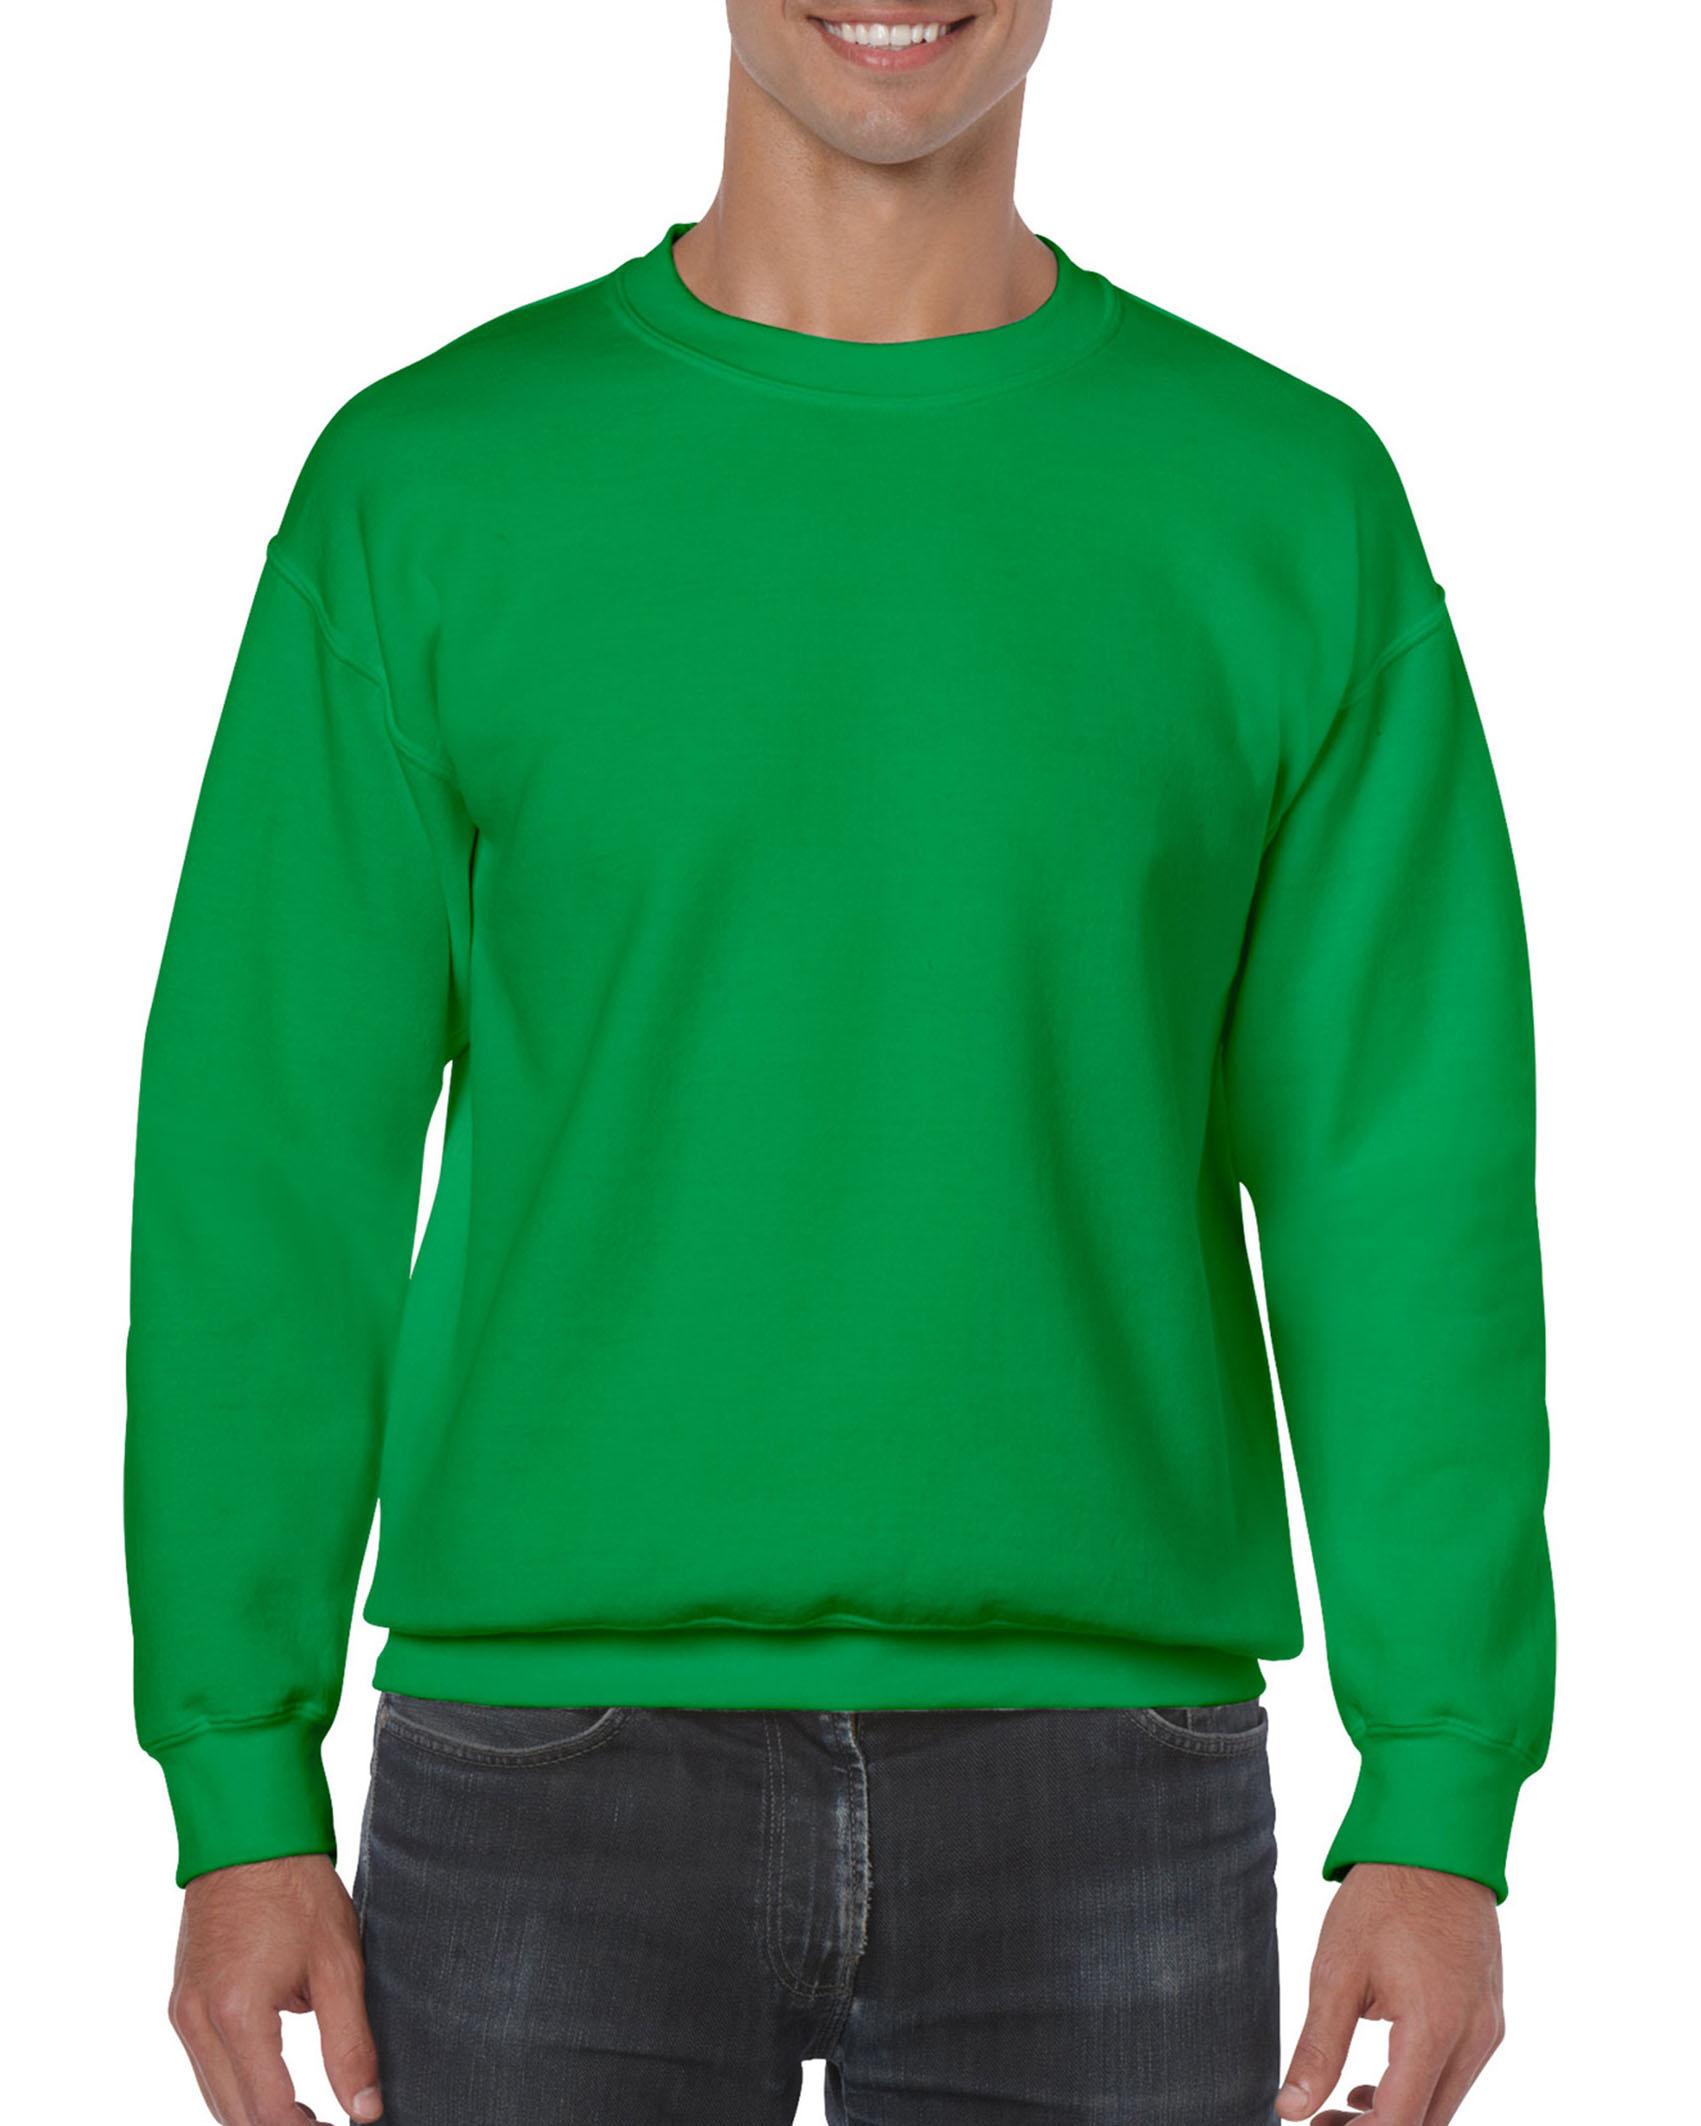 25St Gildan Sweater incl. 1k opdruk (Irish Green)